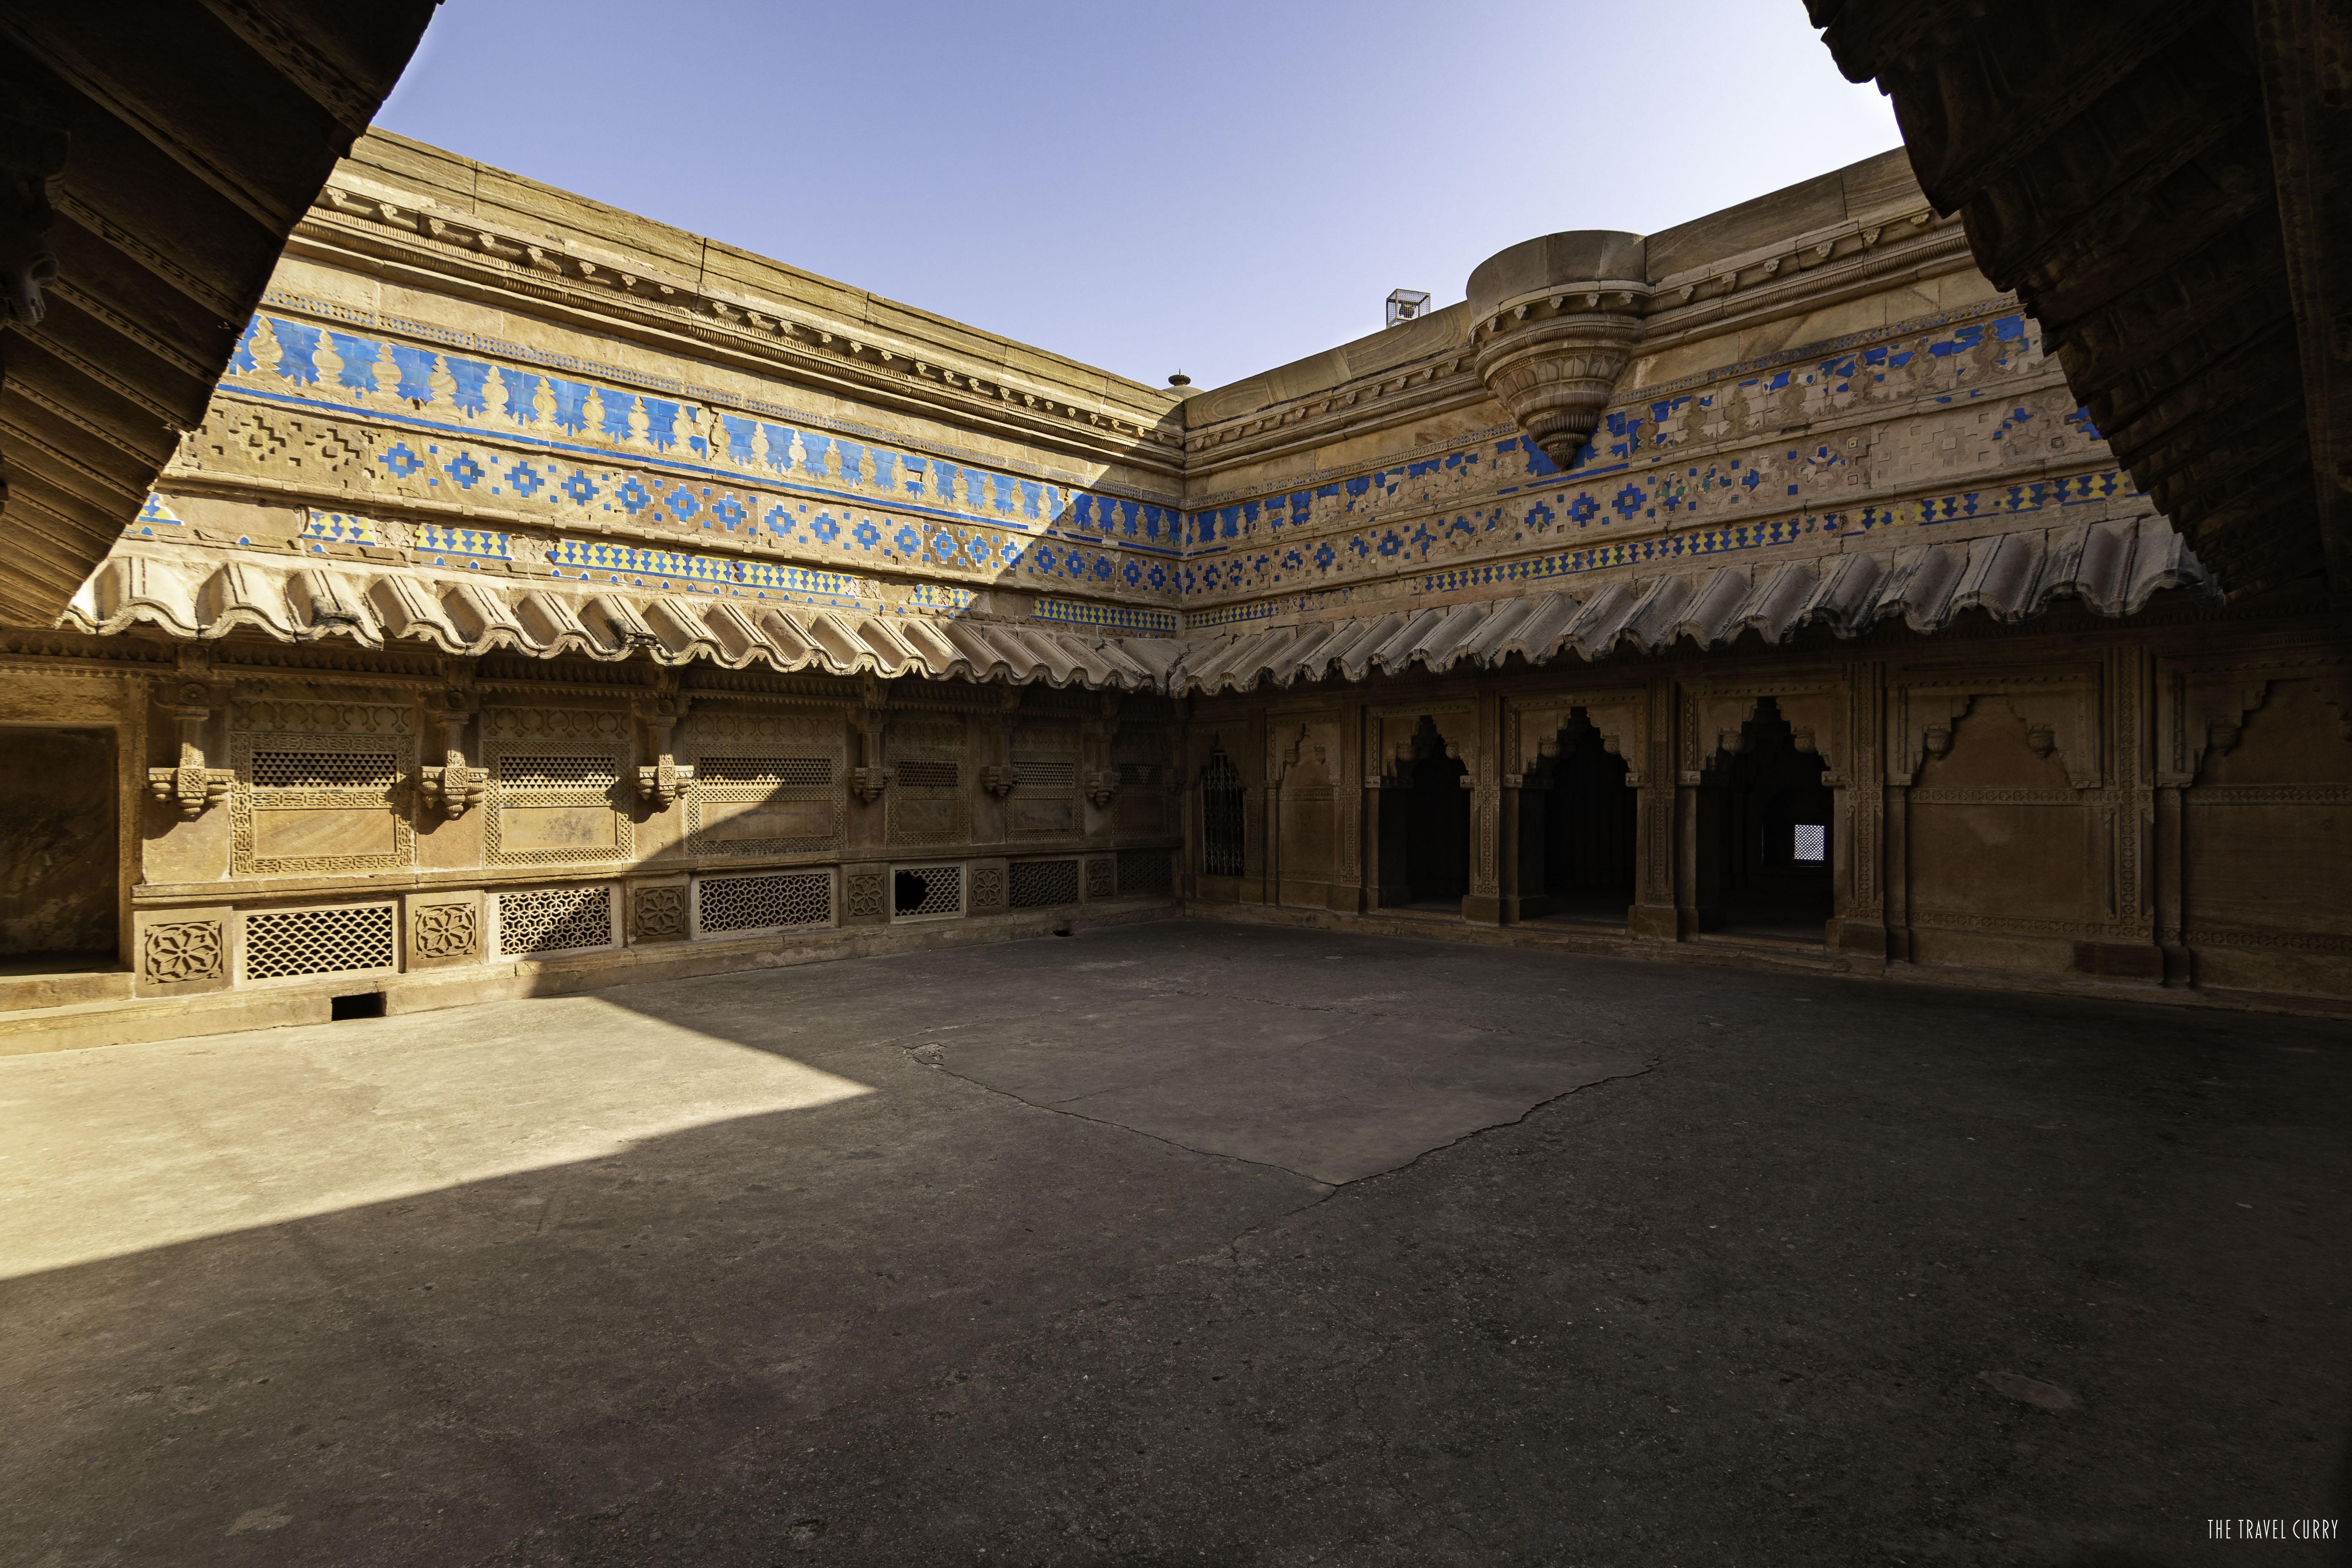 Blue stone work at Man Singh Palace